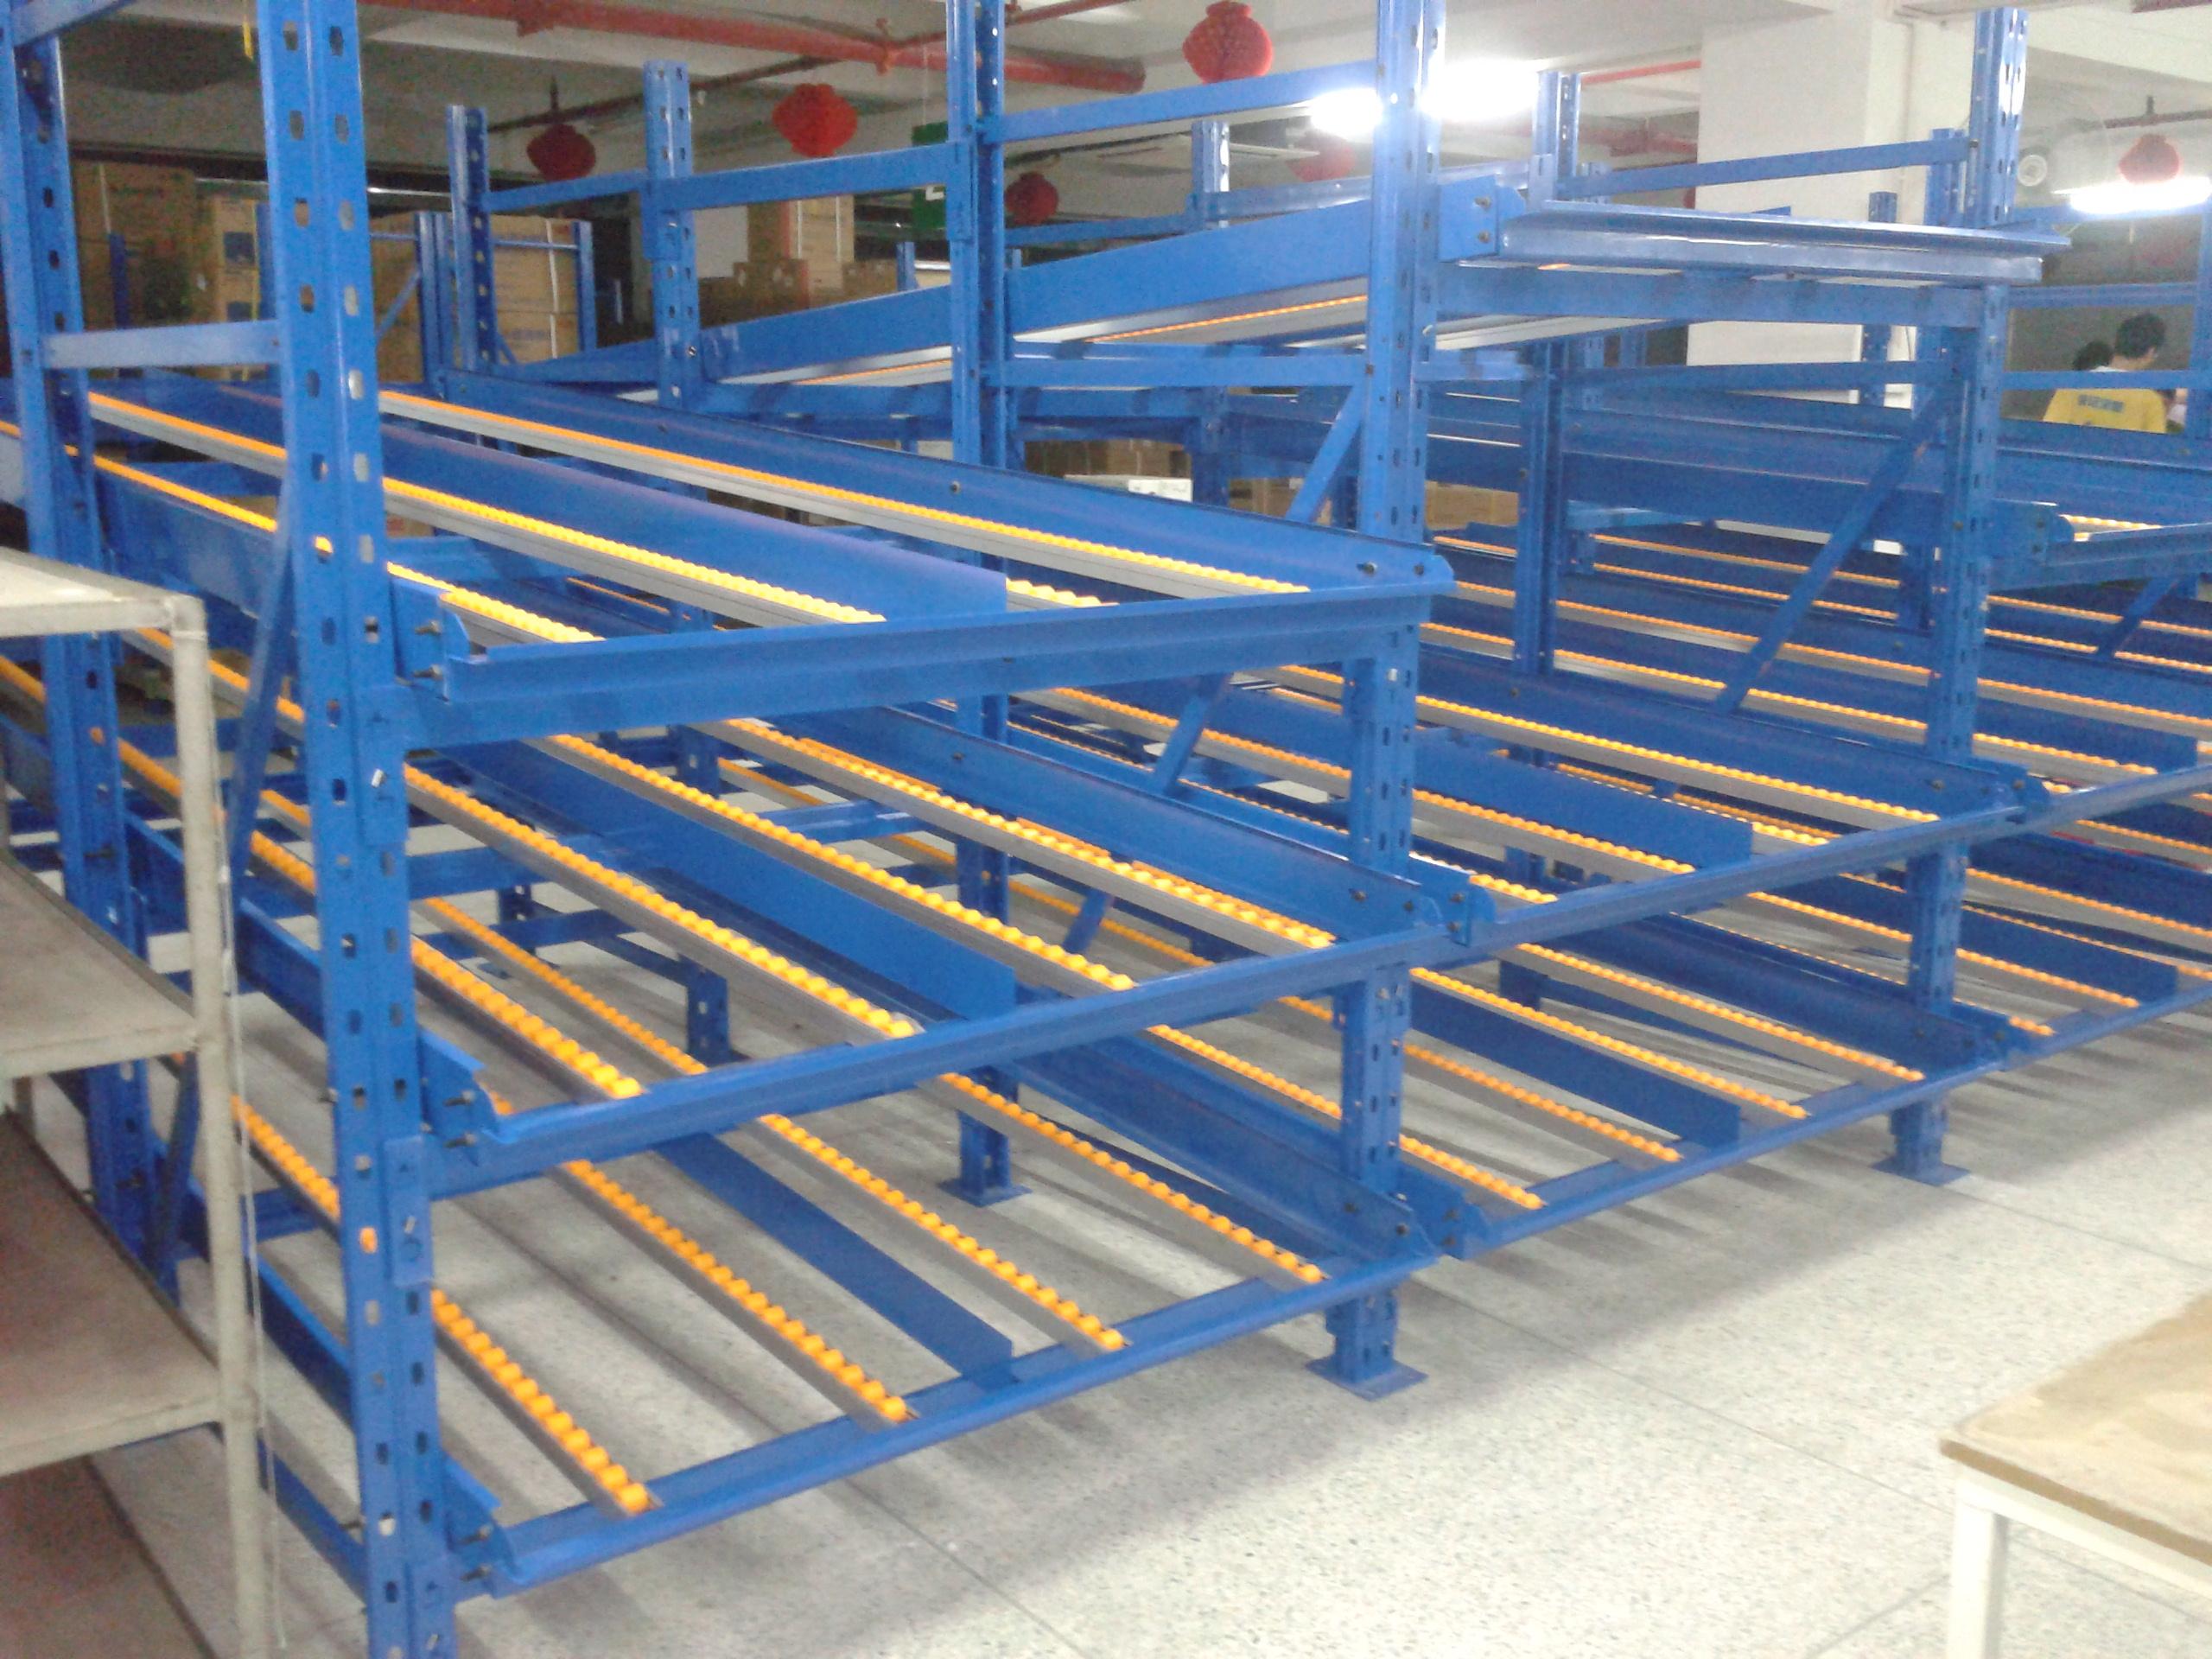 仓库流利货架 |仓库流利式货架|滑移式货架|仓库货架